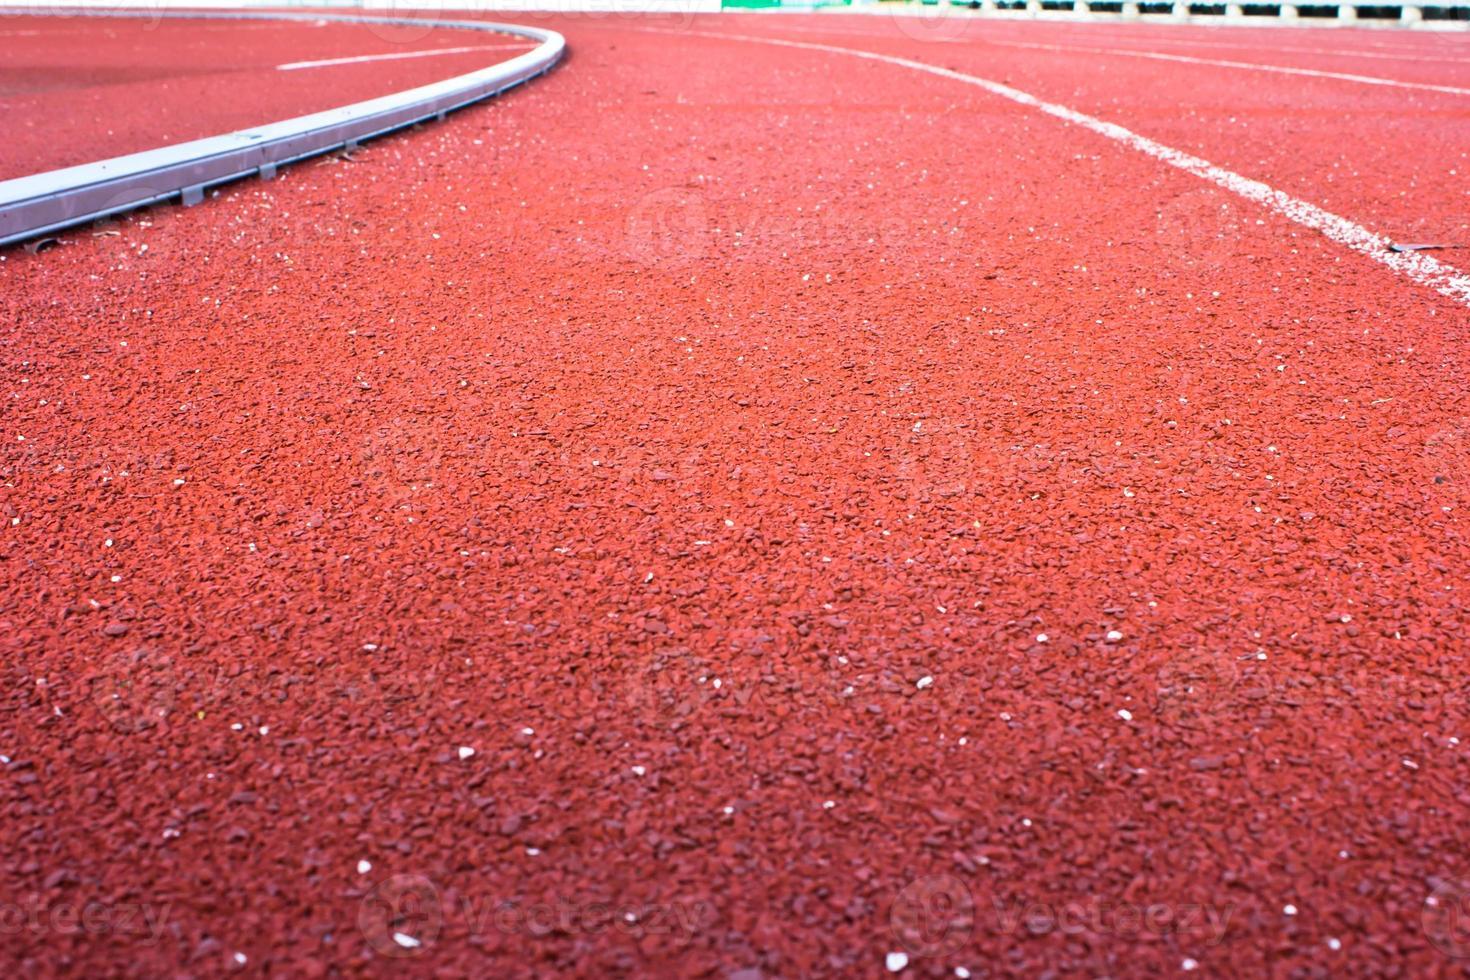 atletiekbaan rubber standaard rode kleur foto